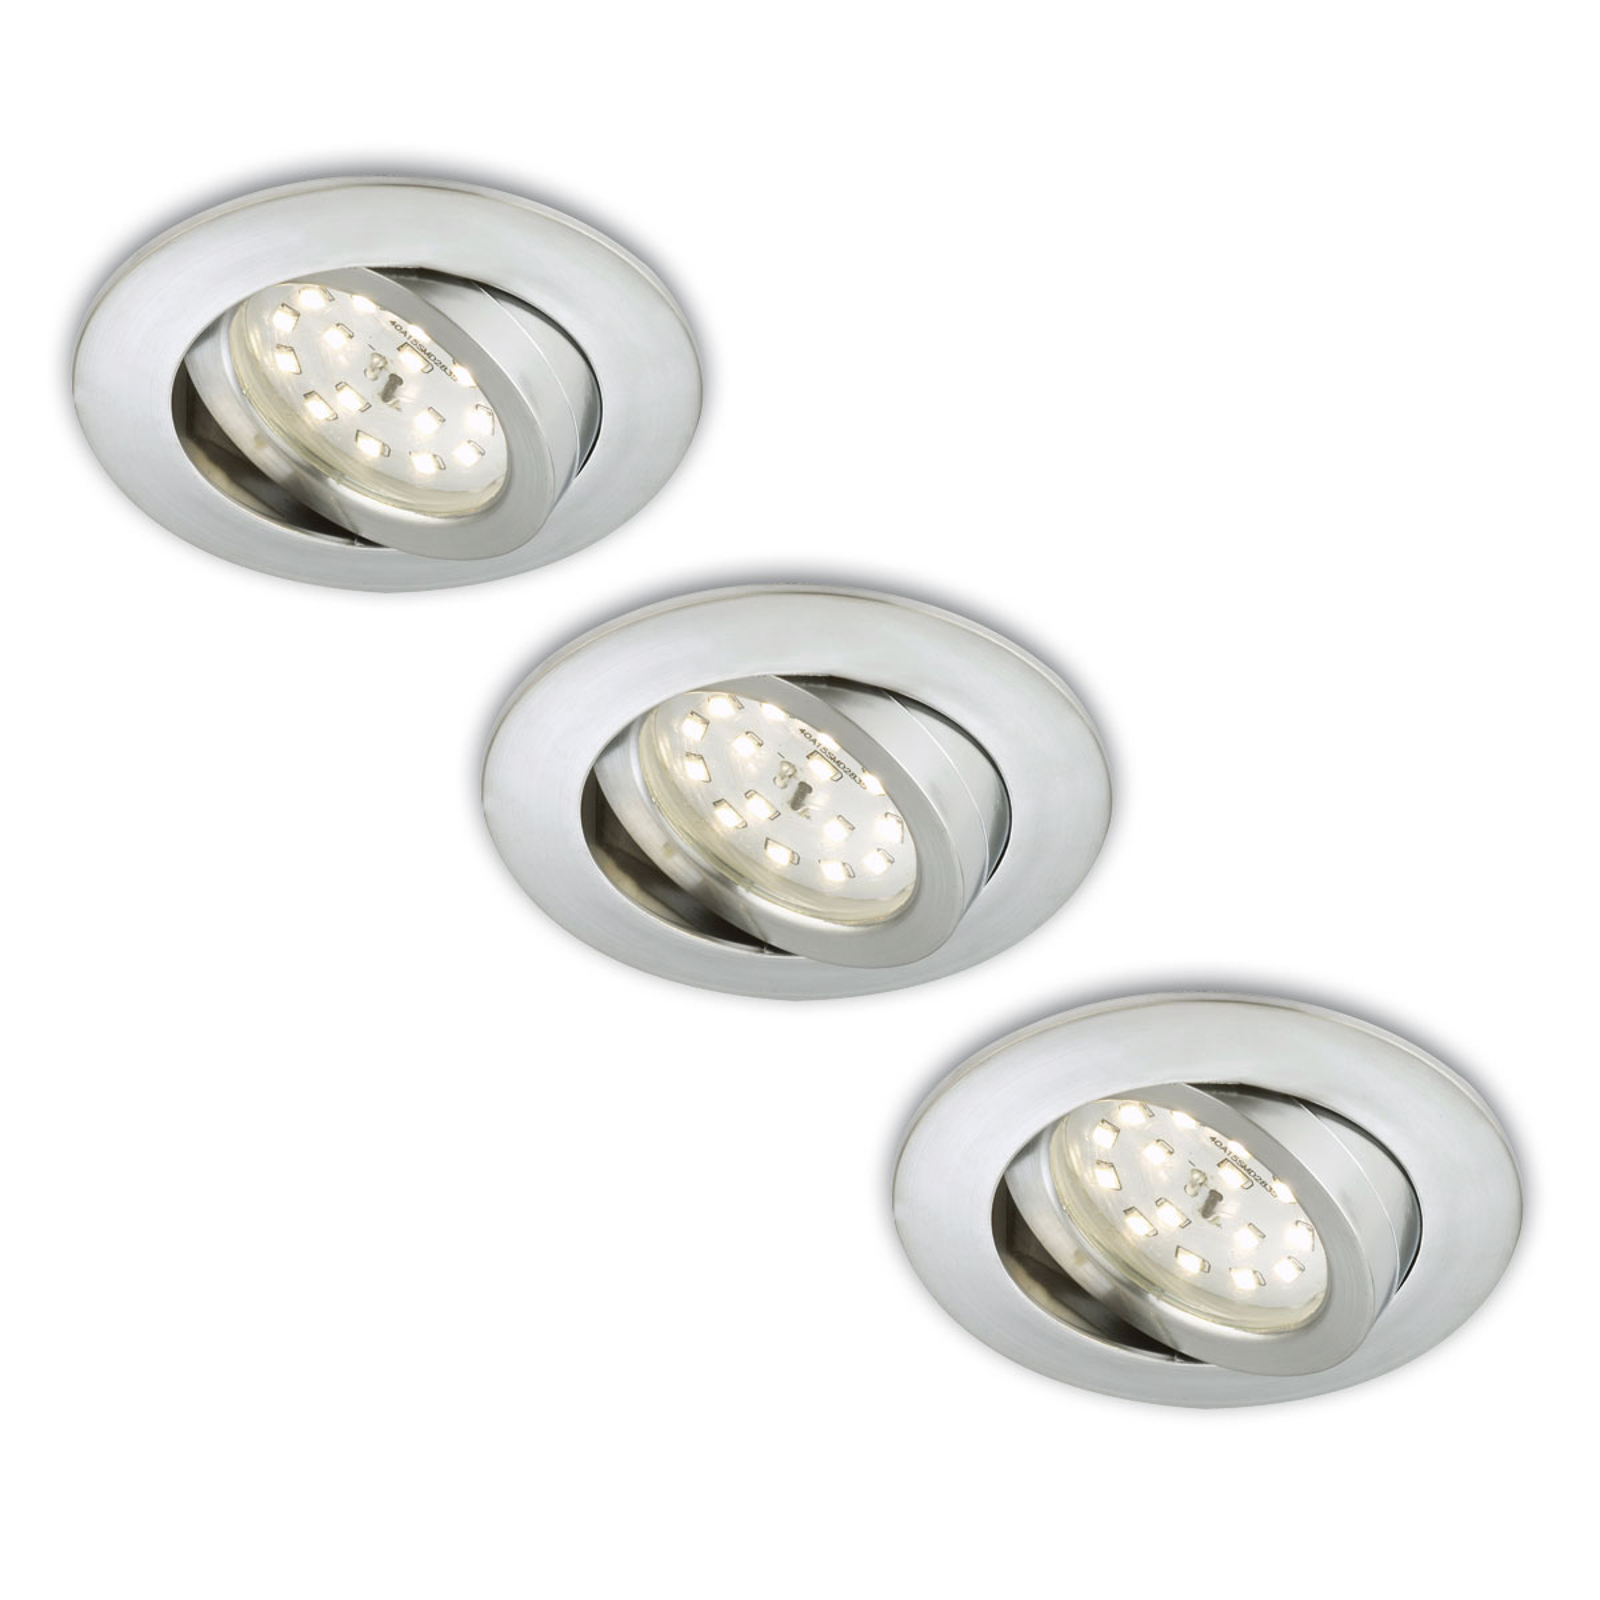 Erik zapustené LED v súprave 3 ks otočné hliník_1510286_1